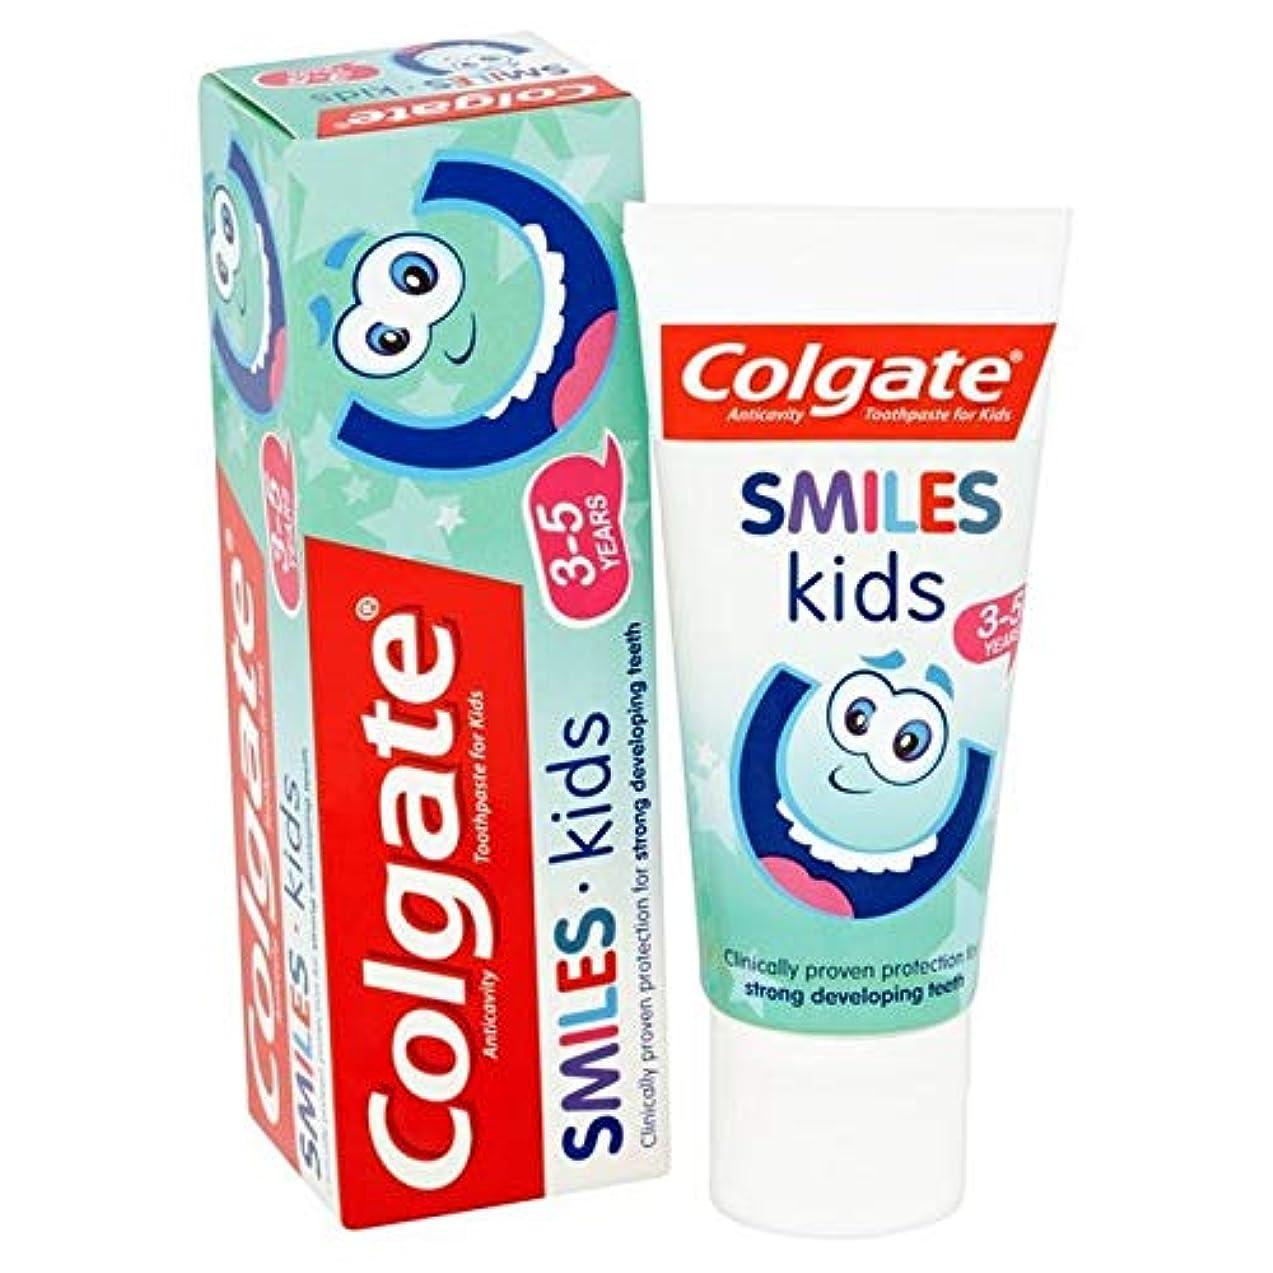 発送集まるサドル[Colgate ] コルゲートは、子供の3~5年の歯磨き粉50ミリリットルを笑顔 - Colgate Smiles Kids 3-5 years Toothpaste 50ml [並行輸入品]